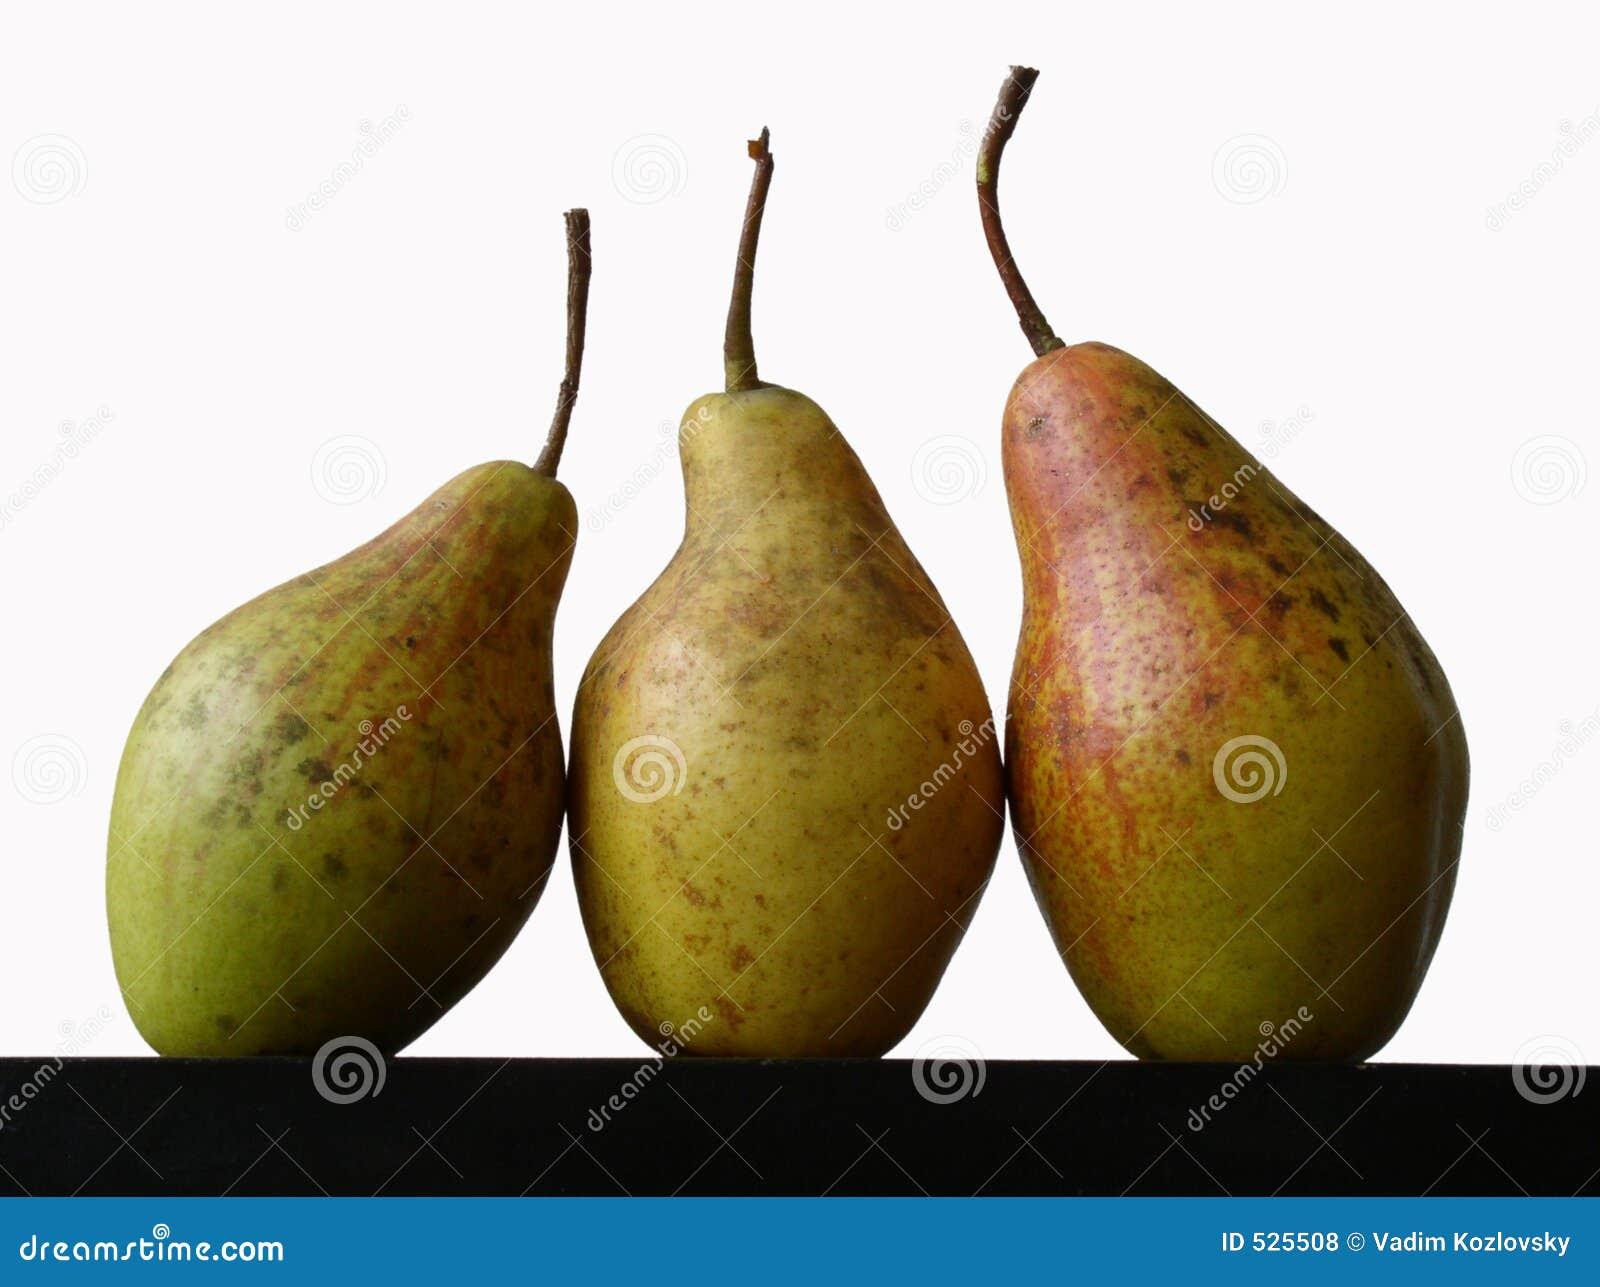 Stilleven met drie peren